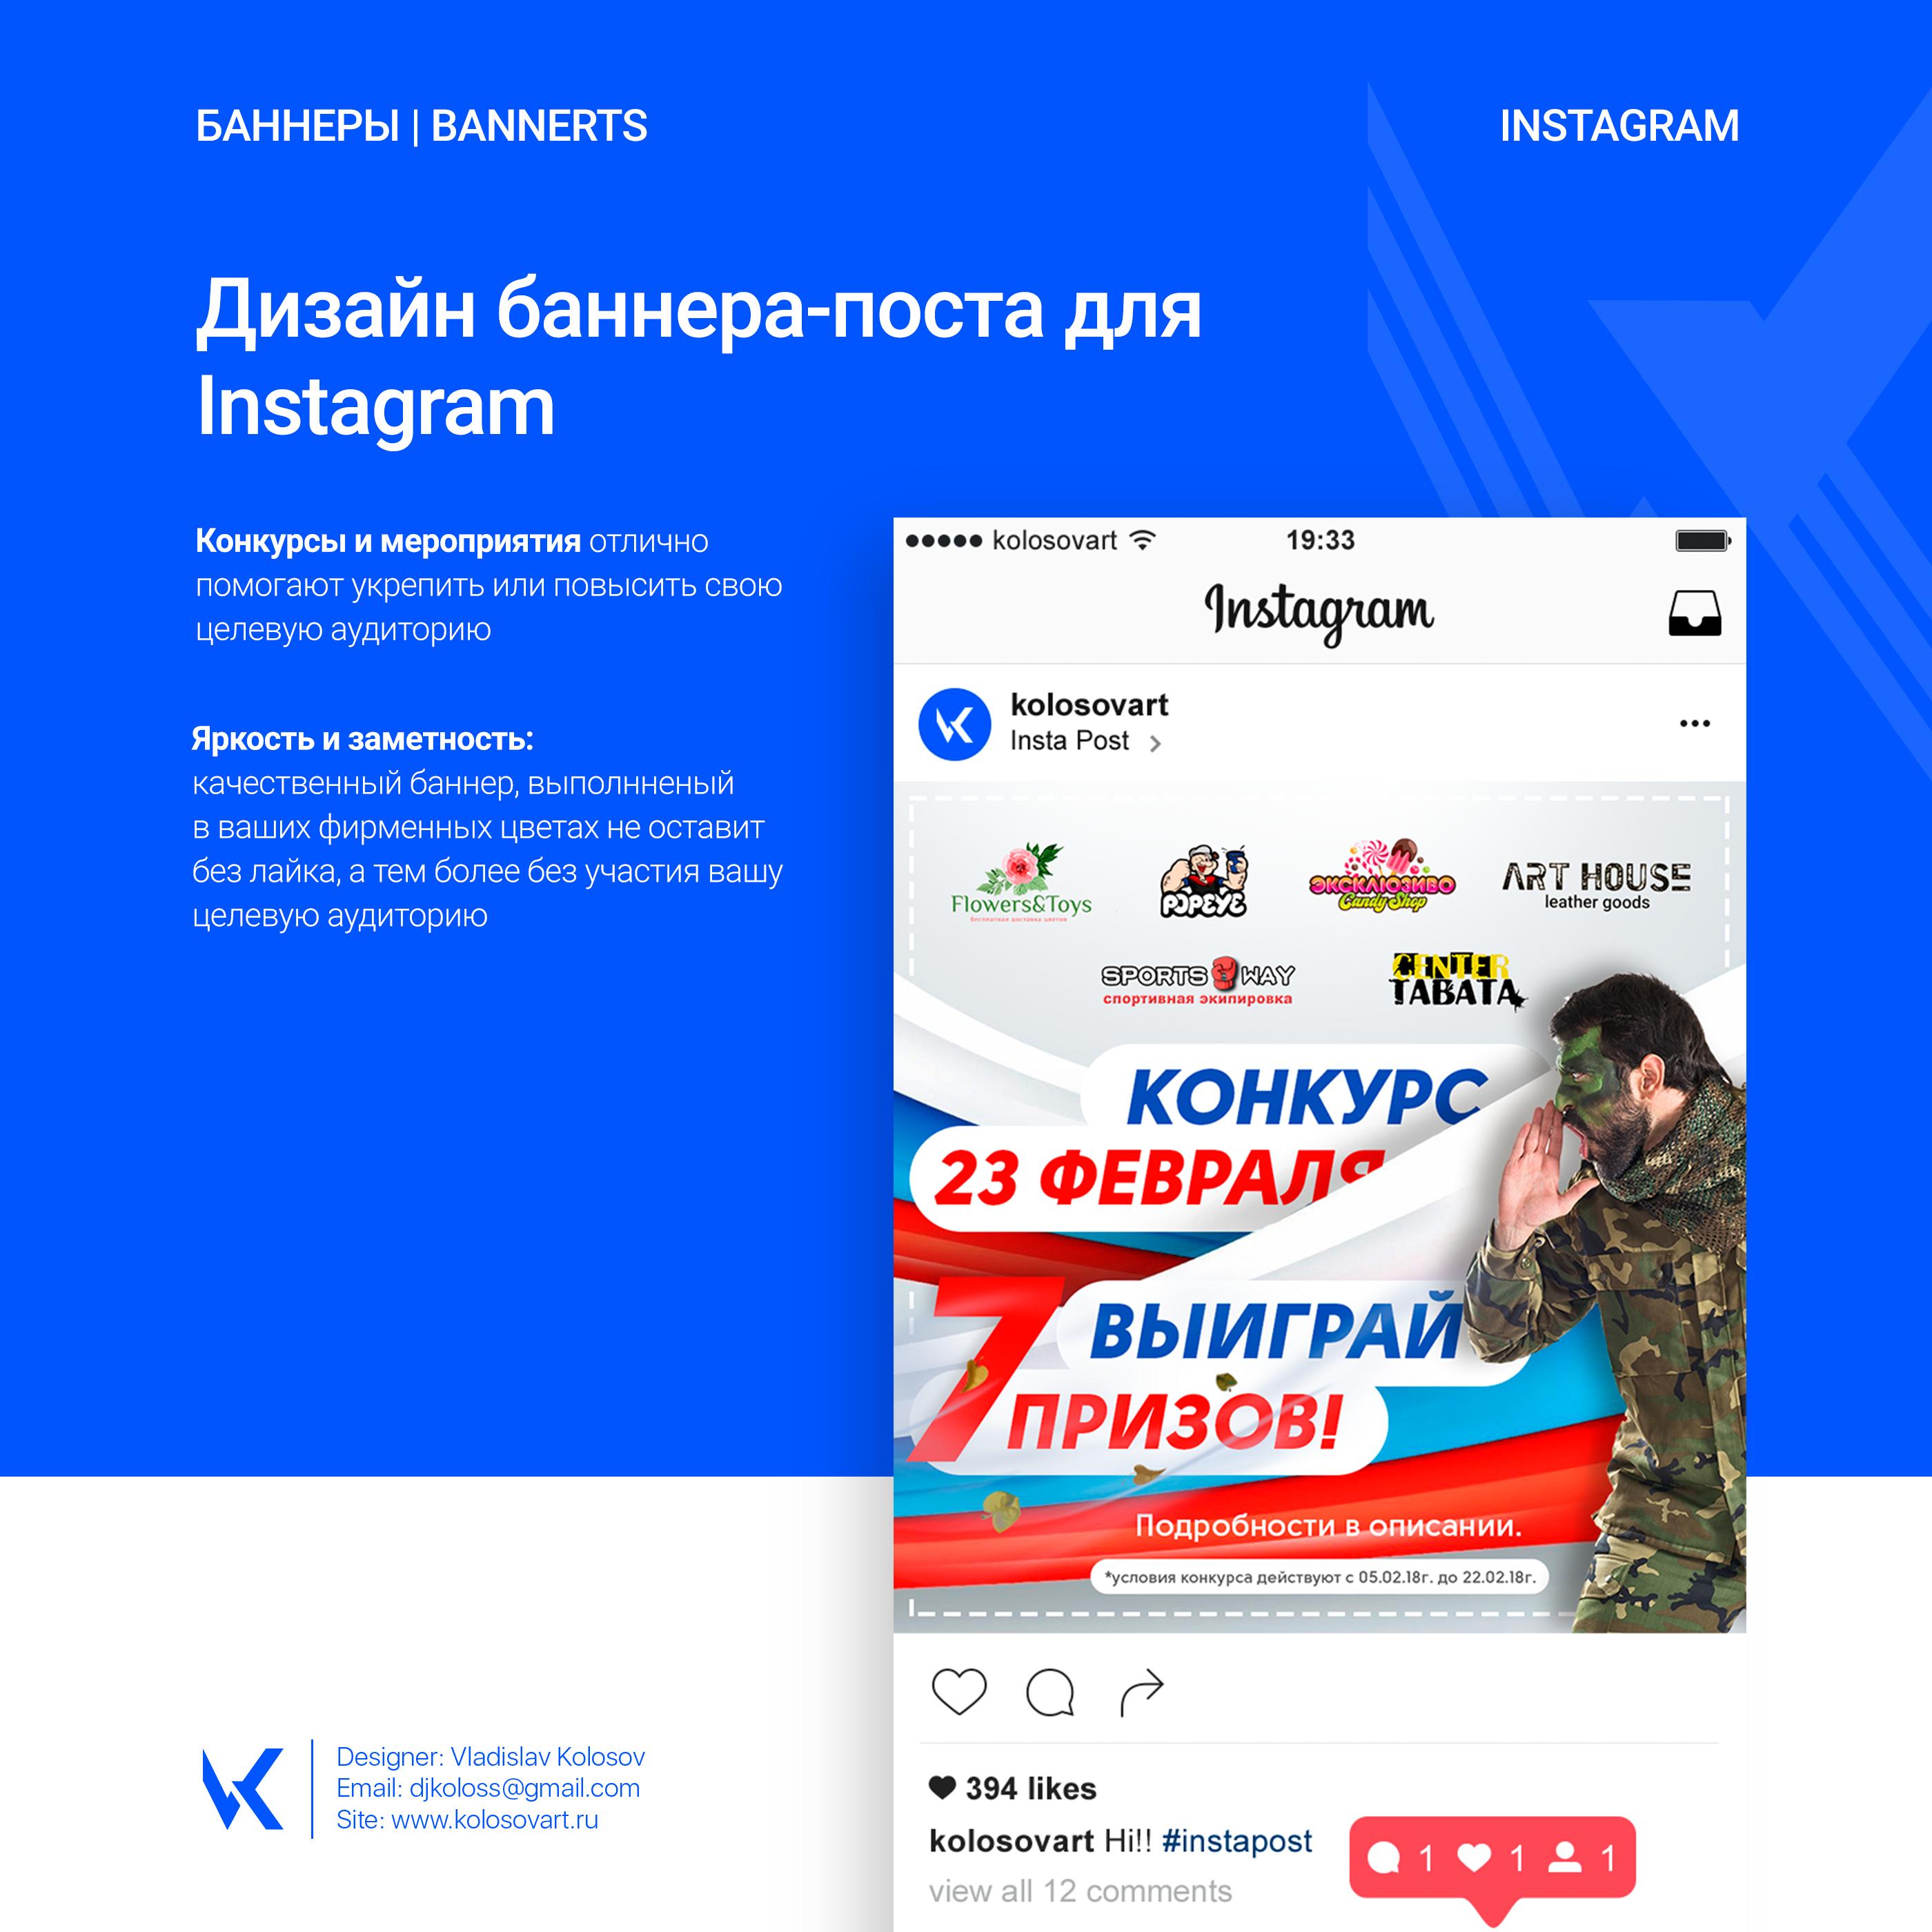 Дизайн баннера-поста для Instagram